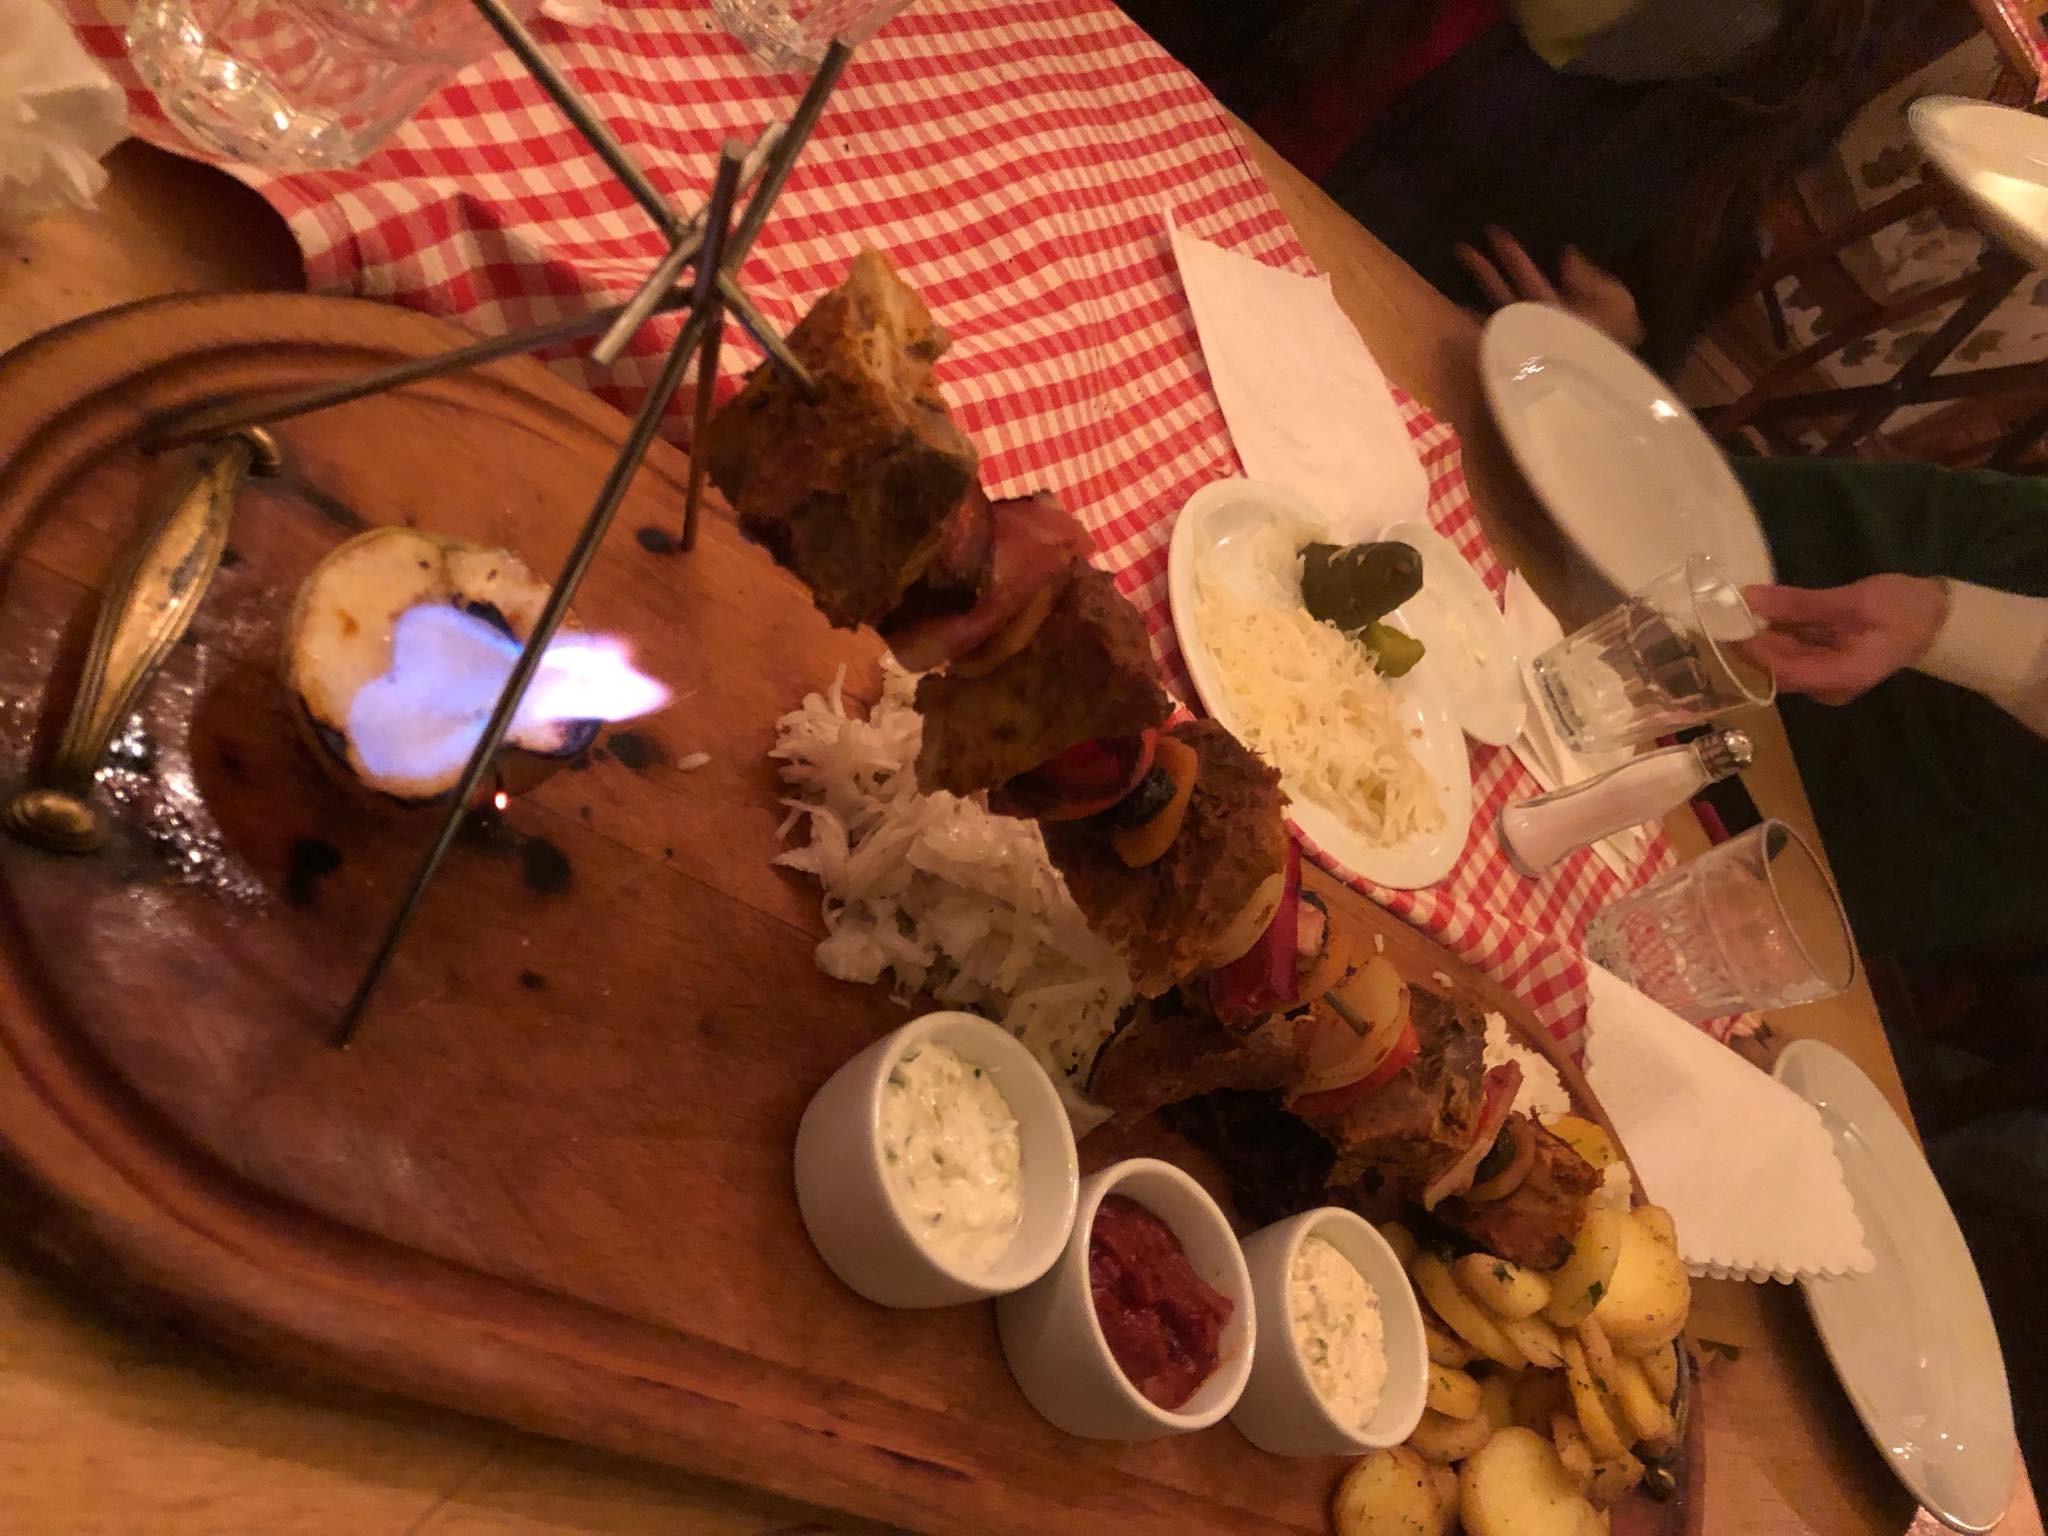 שיפוד בשר ממסעדת Podwale 25. צילום: דביר הקל